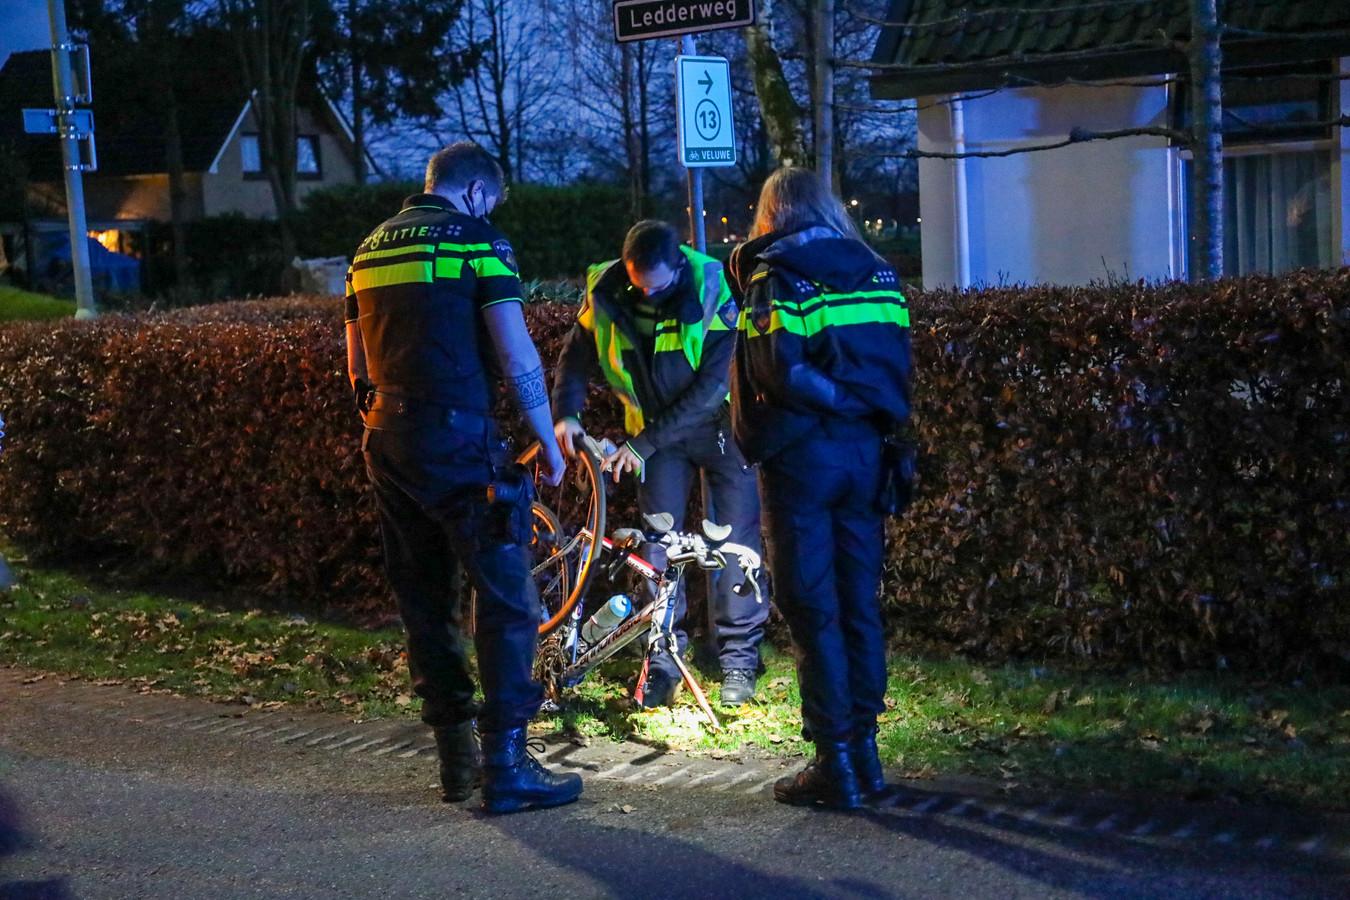 De fiets raakte flink beschadigd